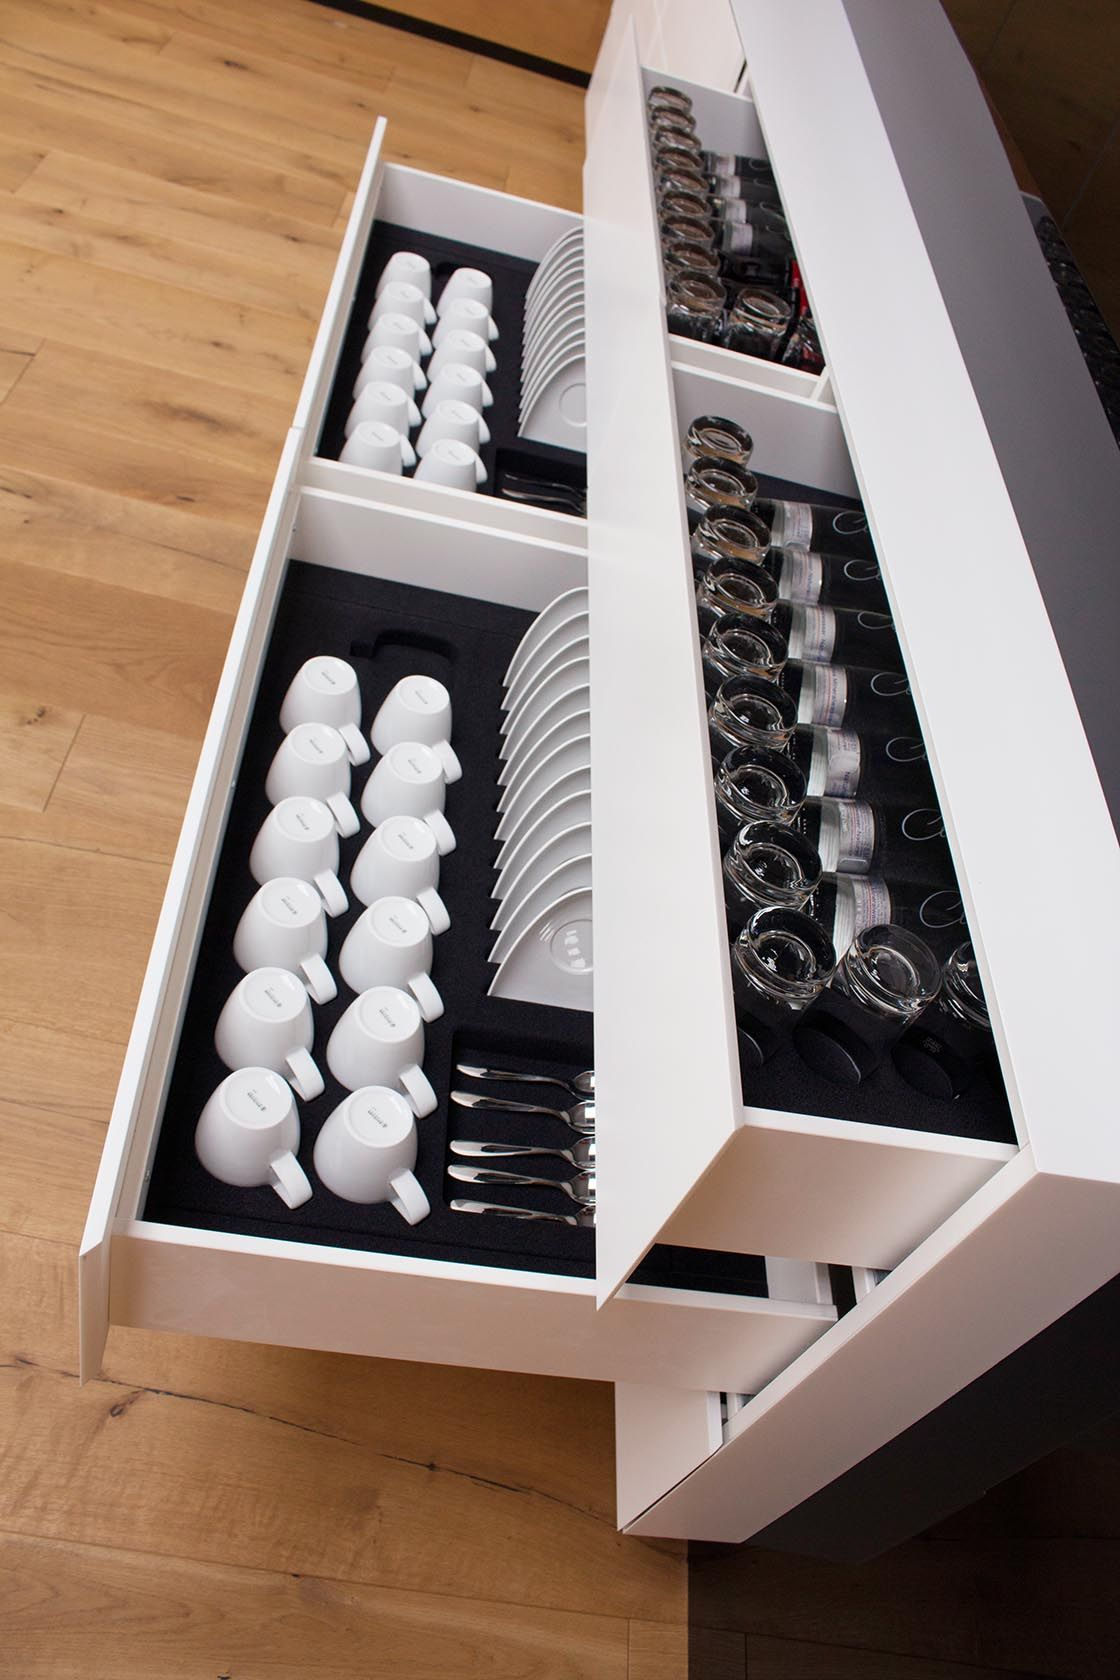 Schöne Lösung für Küchenschubladen: beflockte Einteilungen | www ...